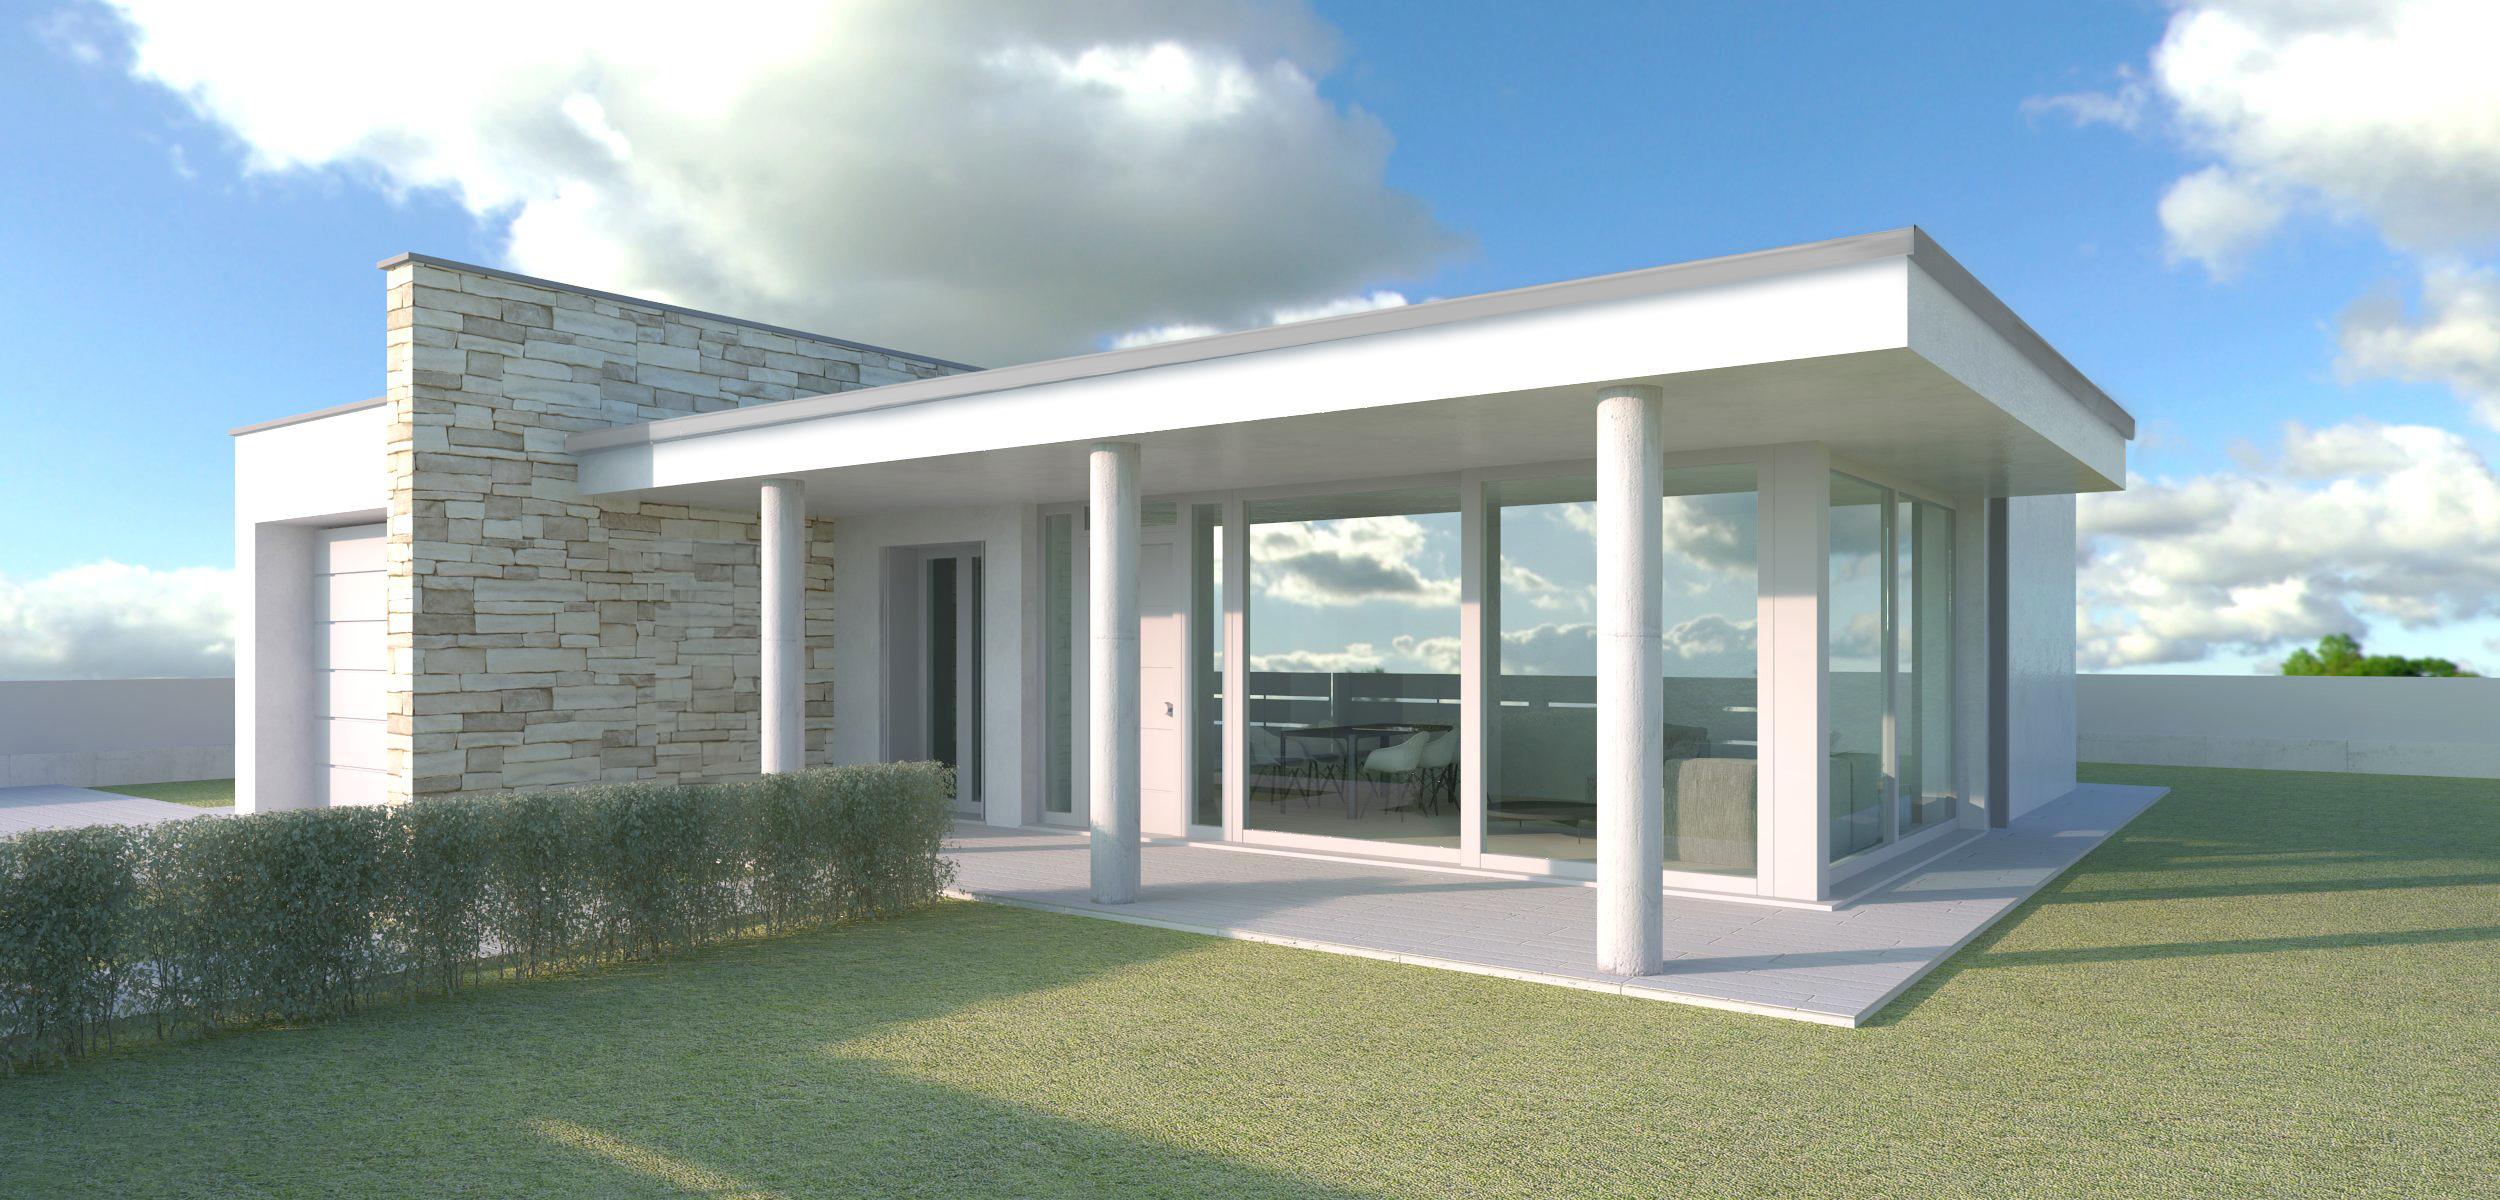 Villa oriana con gronda doser real estate services for Progetto casa moderna nuova costruzione